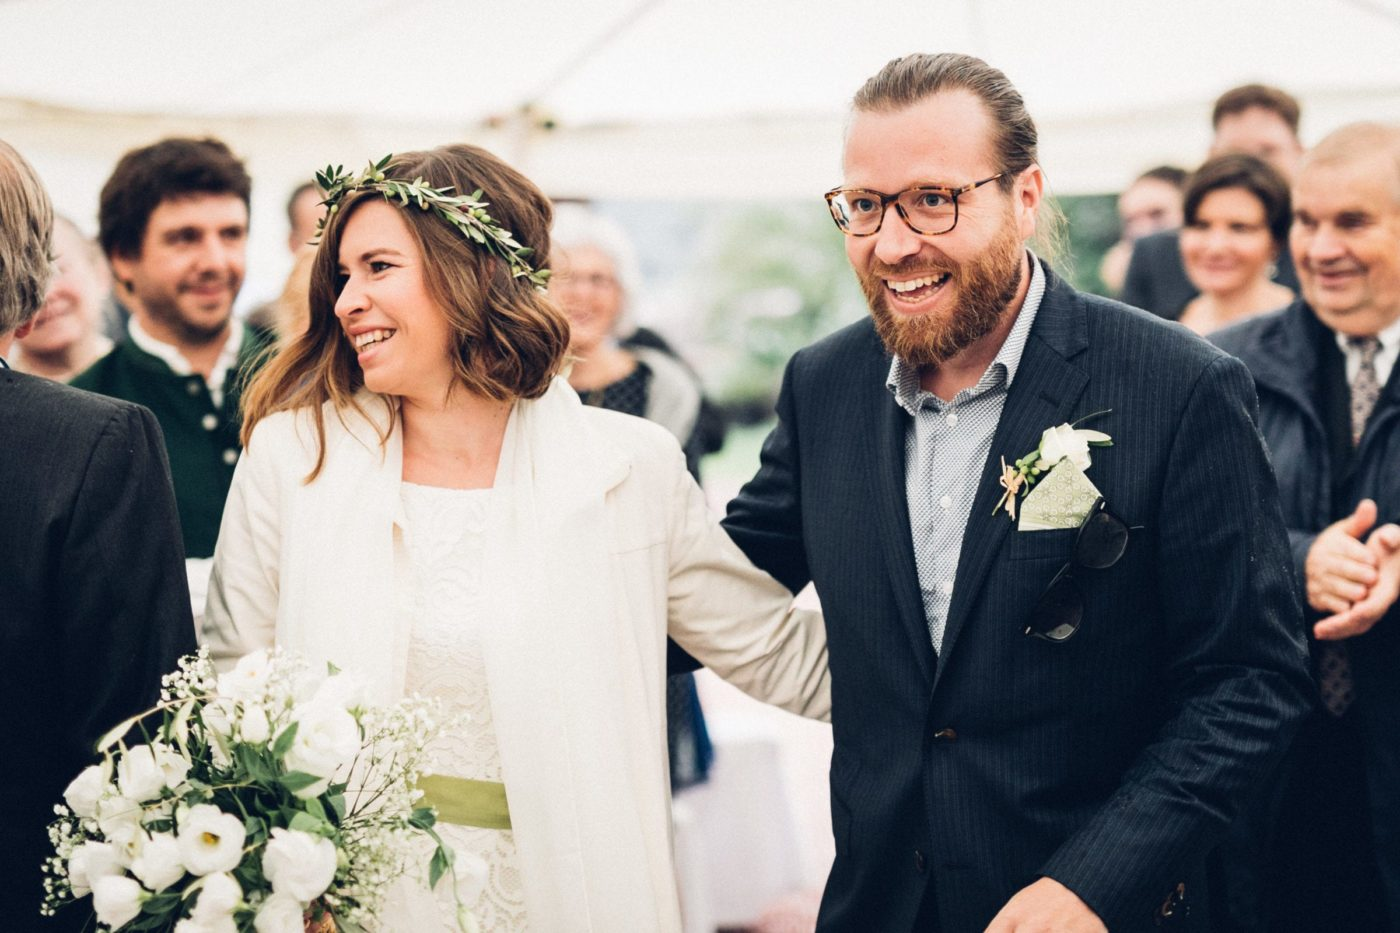 Das glückliche Brautpaar nach der freien Trauung.